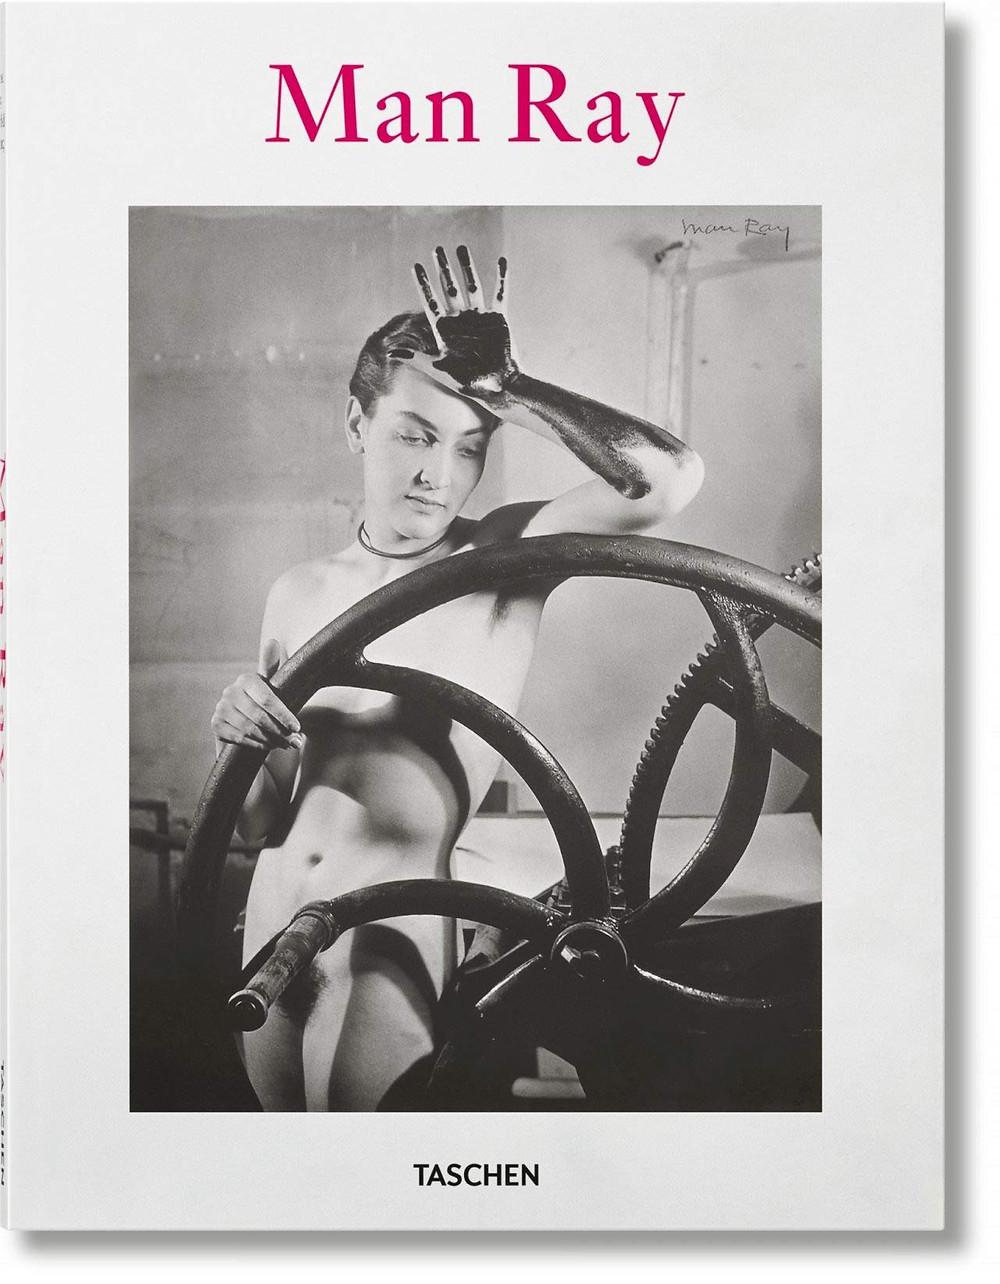 Man Ray Taschen libro